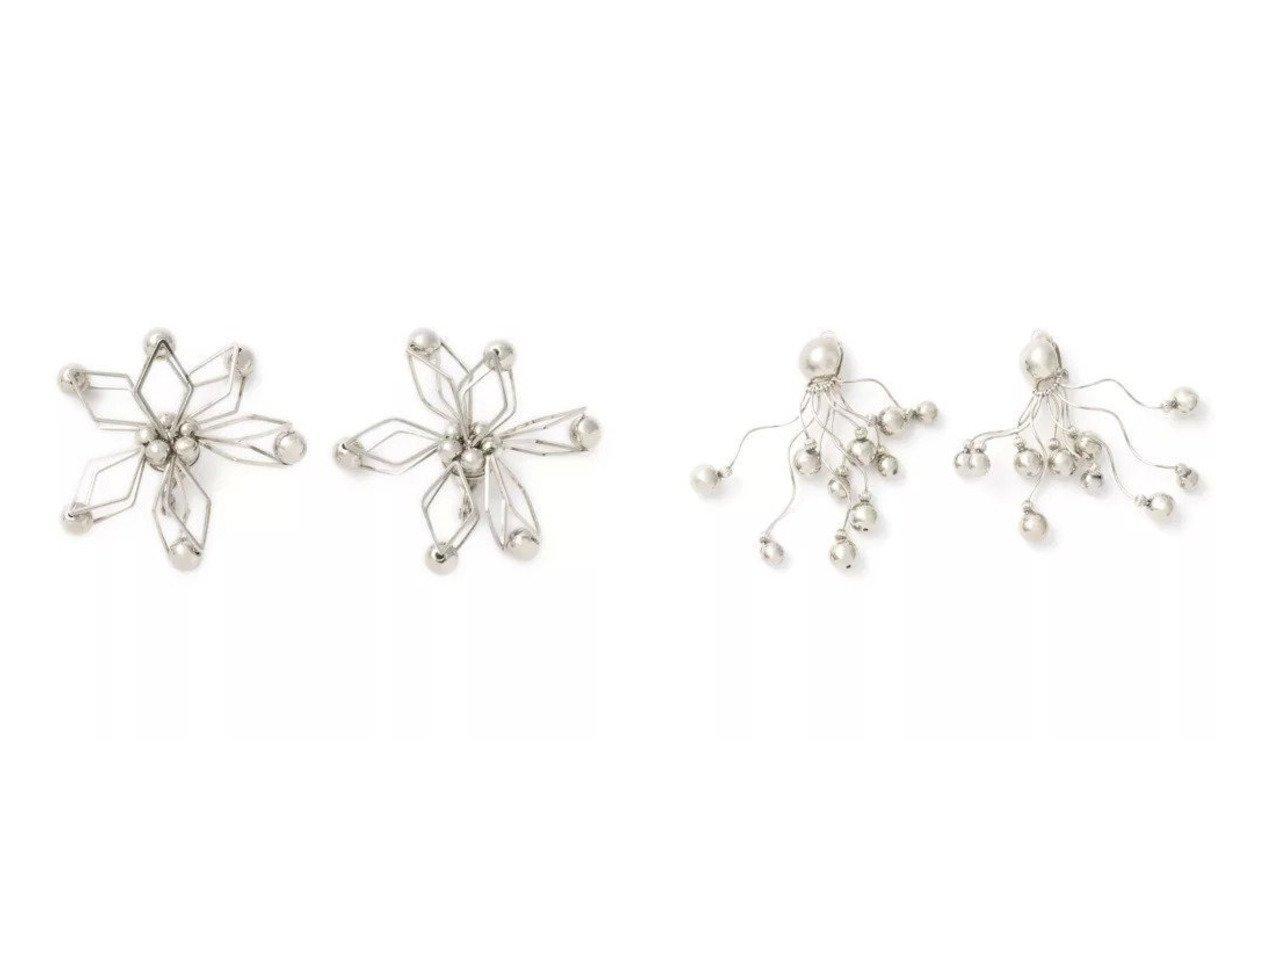 【TOGA PULLA/トーガ プルラ】のSparkle earrings&Metal wave earrings おすすめ!人気、トレンド・レディースファッションの通販 おすすめで人気の流行・トレンド、ファッションの通販商品 メンズファッション・キッズファッション・インテリア・家具・レディースファッション・服の通販 founy(ファニー) https://founy.com/ ファッション Fashion レディースファッション WOMEN ジュエリー Jewelry リング Rings イヤリング Earrings 2021年 2021 2021 春夏 S/S SS Spring/Summer 2021 S/S 春夏 SS Spring/Summer アクセサリー アシンメトリー イヤリング ドレス フレーム メタル シルバー ワイヤー |ID:crp329100000013883